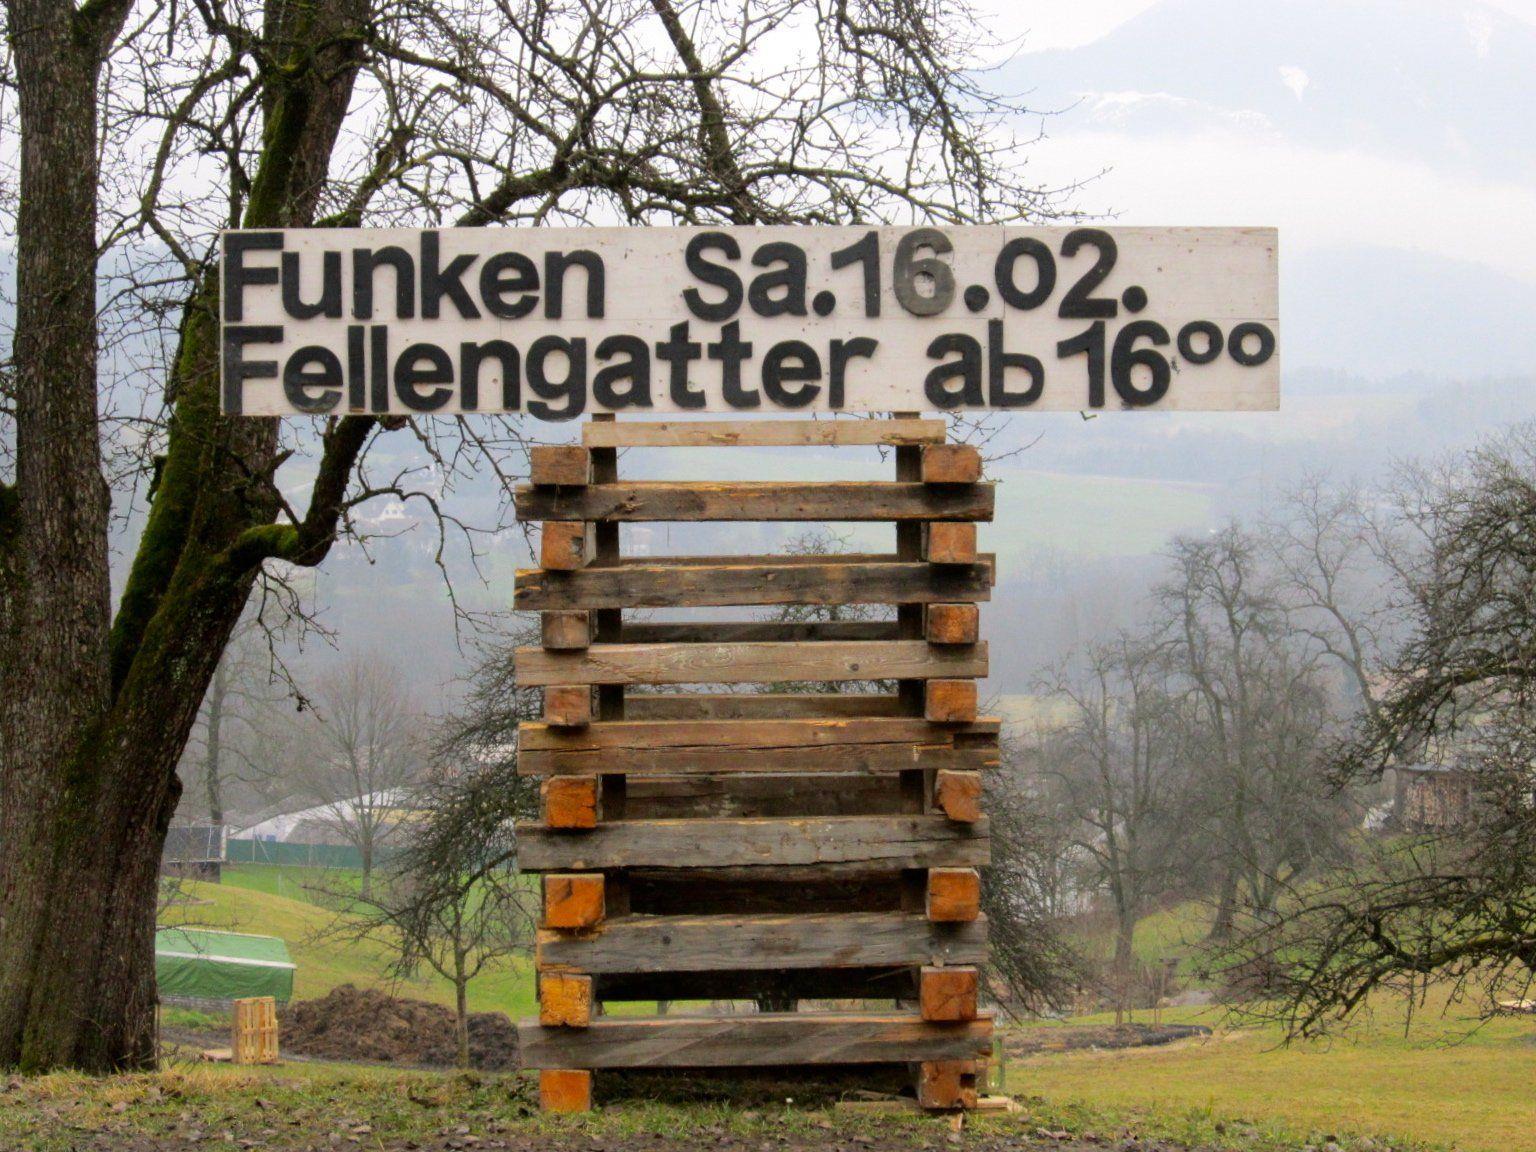 Bald ist es endlich wieder so weit: Fellengatter feiert altes Brauchtum auf Wilhelms Bündt